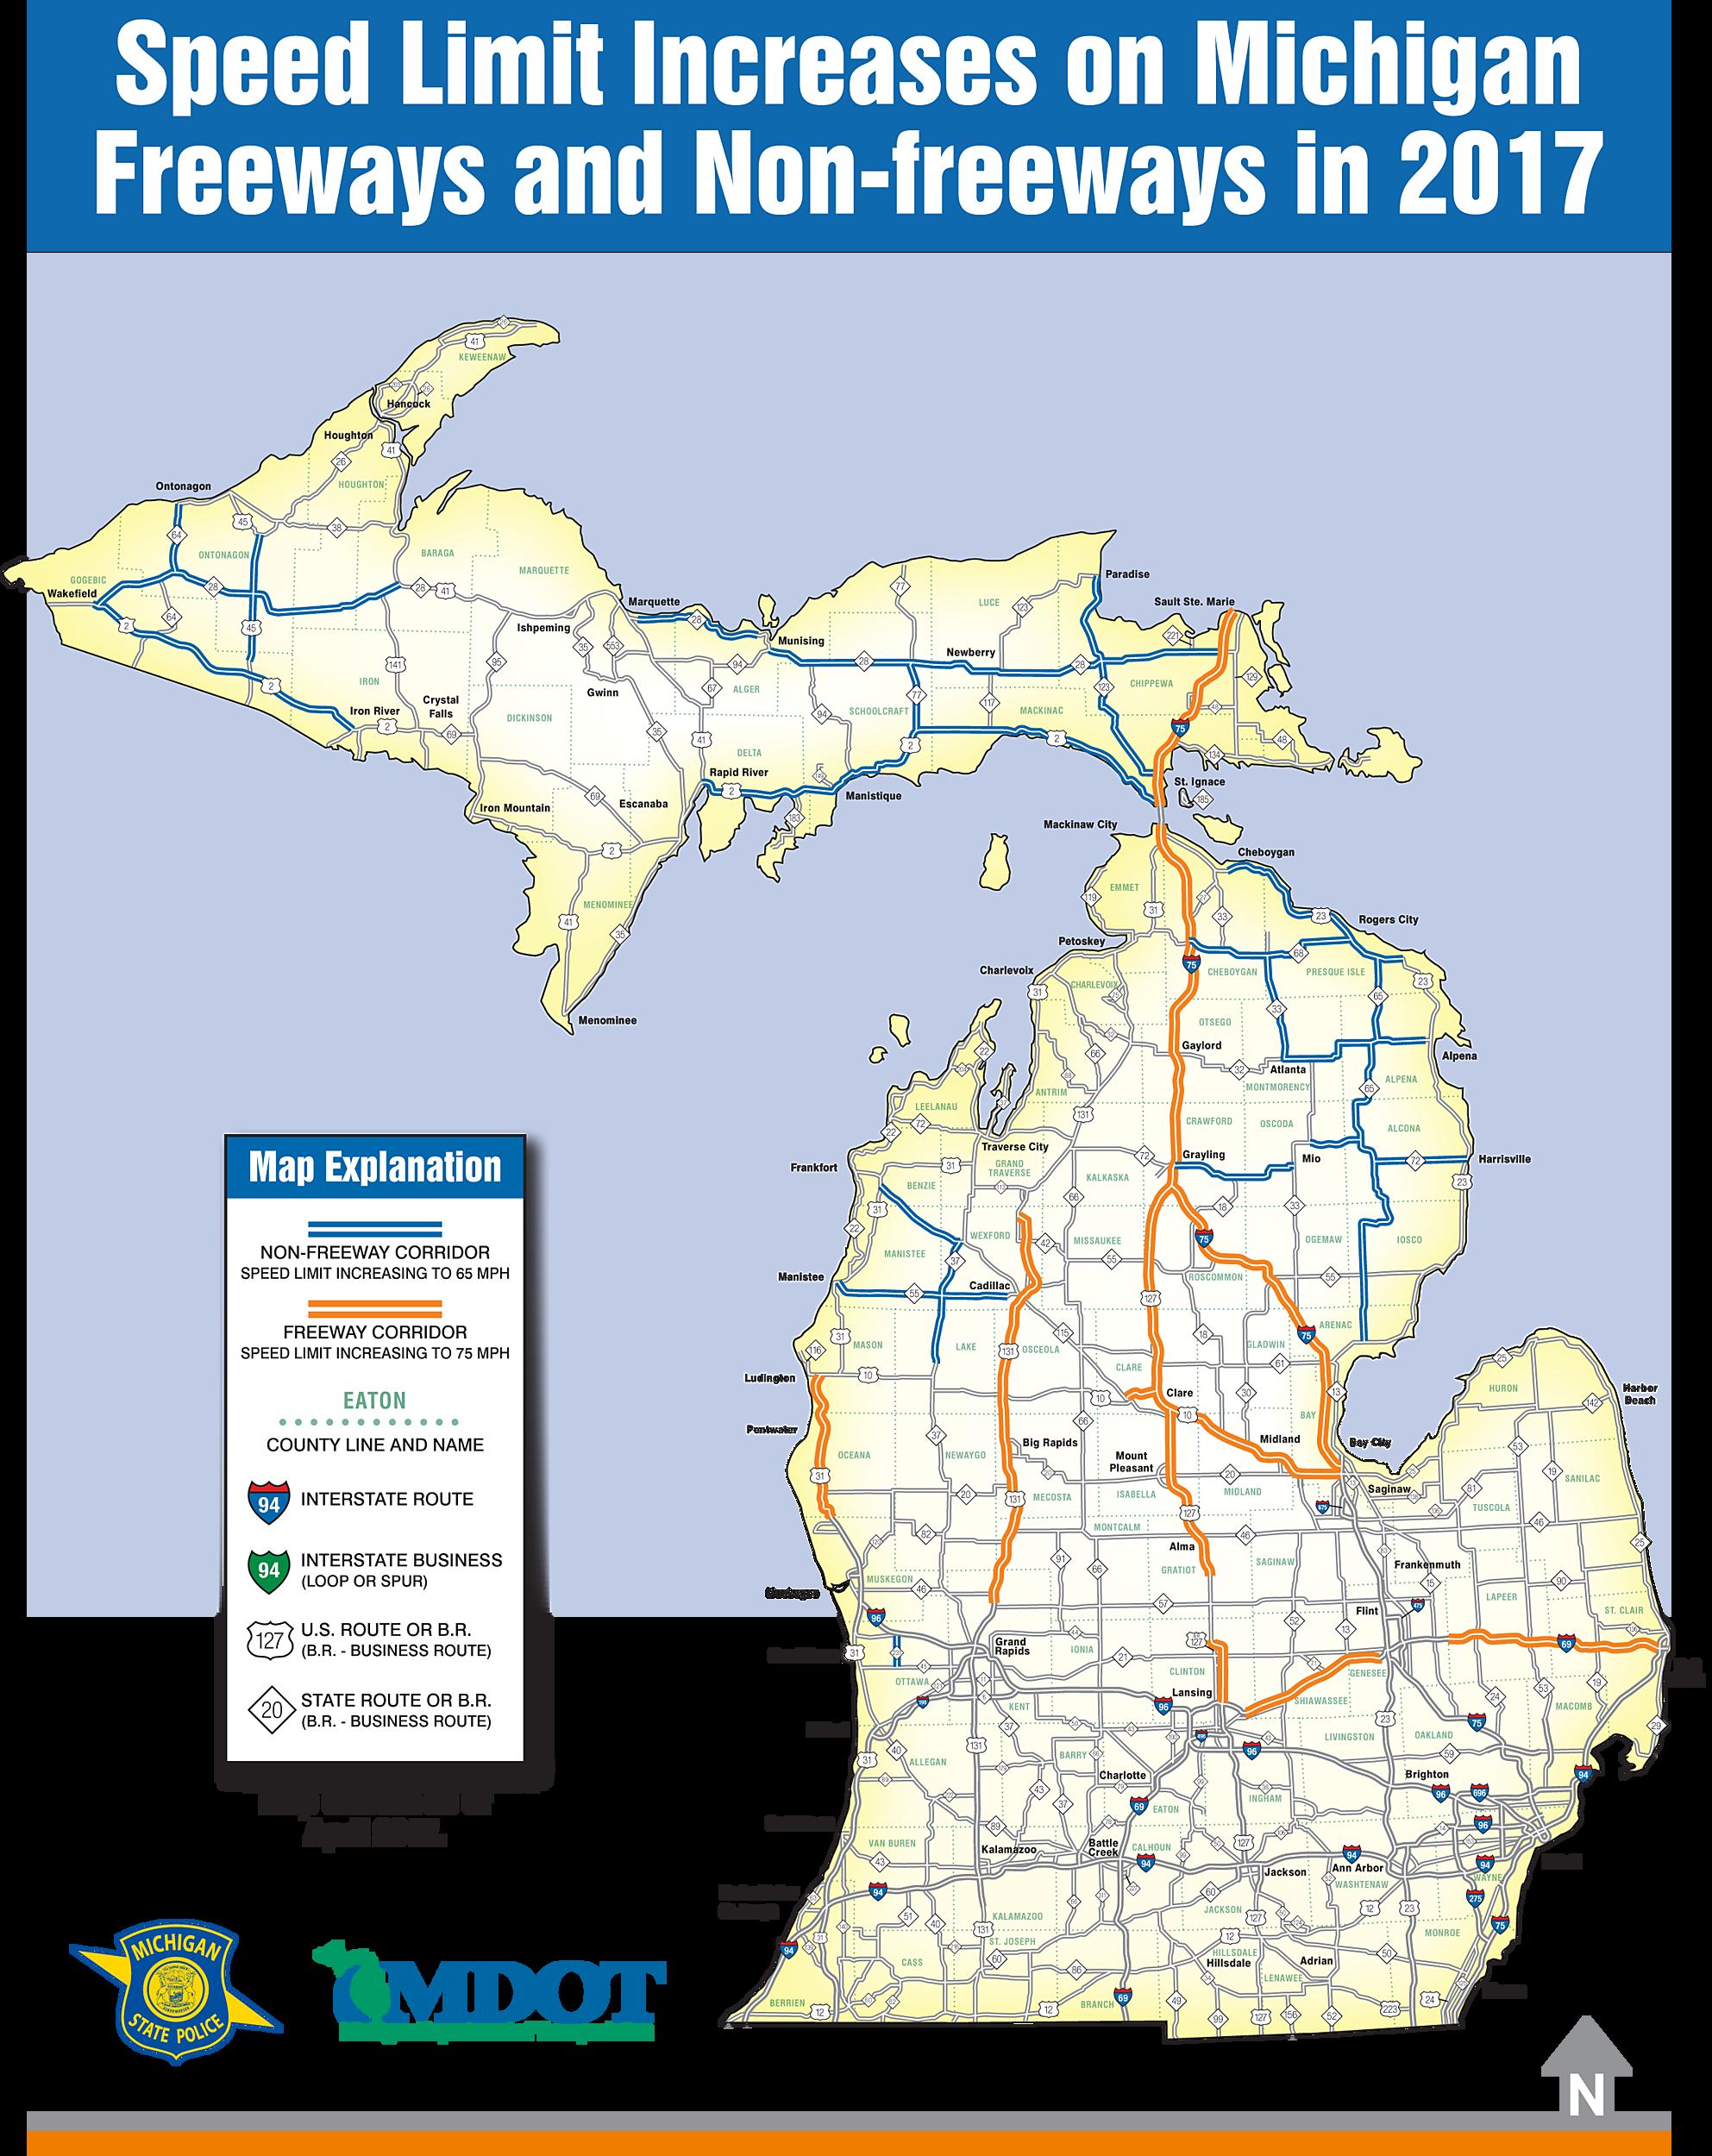 Speed Limit Map Us 23 Michigan | www.picsbud.com